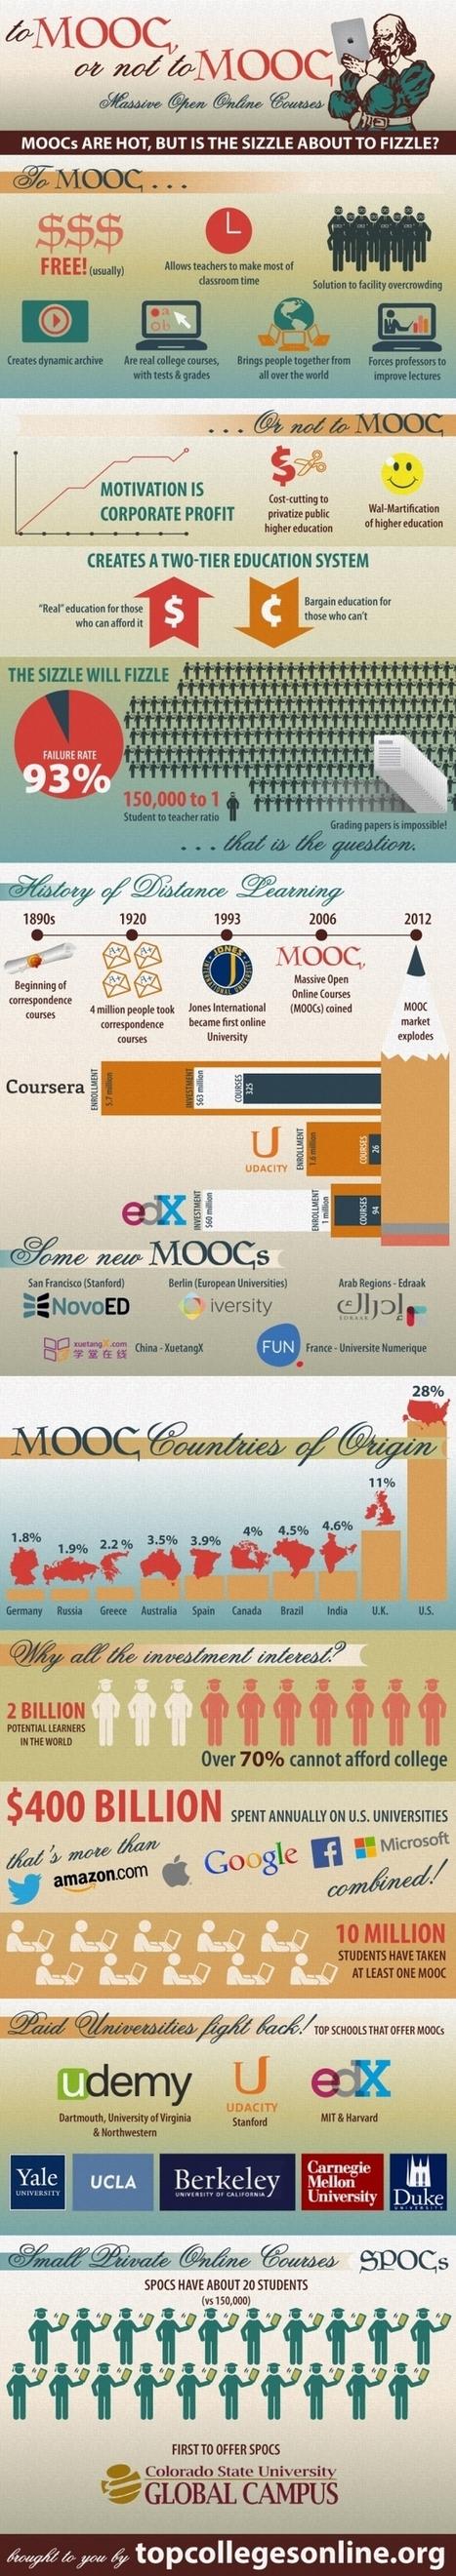 Are MOOCs Still Going Strong? | @iSchoolLeader Magazine | Scoop.it